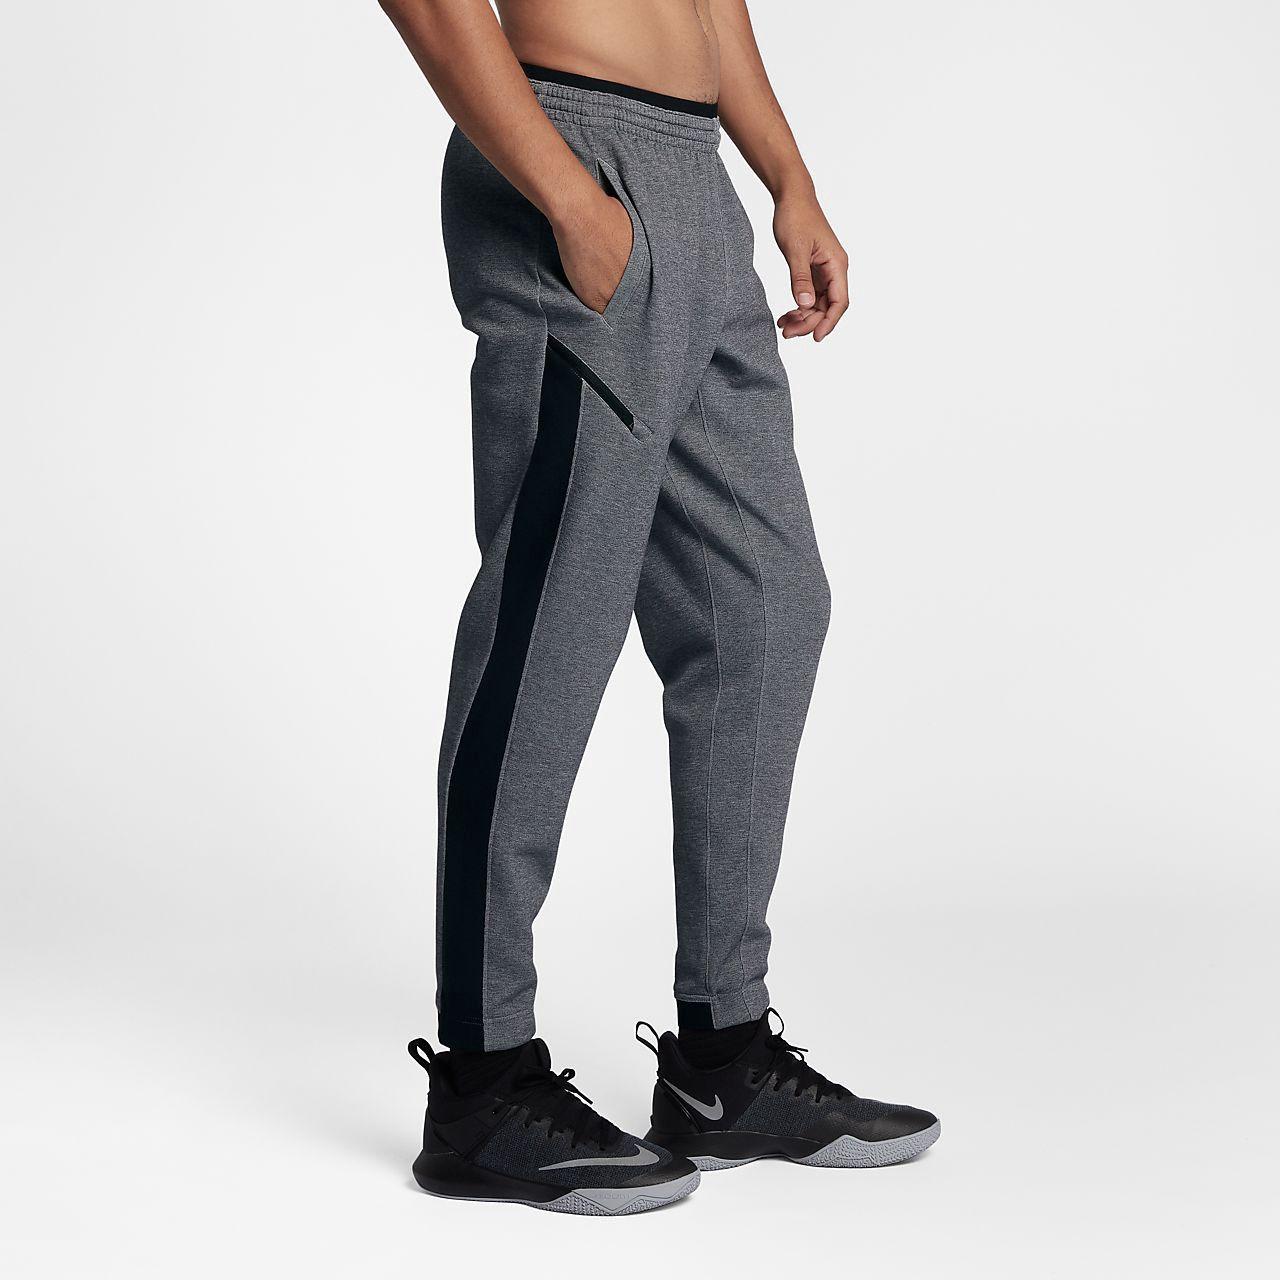 Nike DriFit Showtime Men's Basketball Pants 2XL